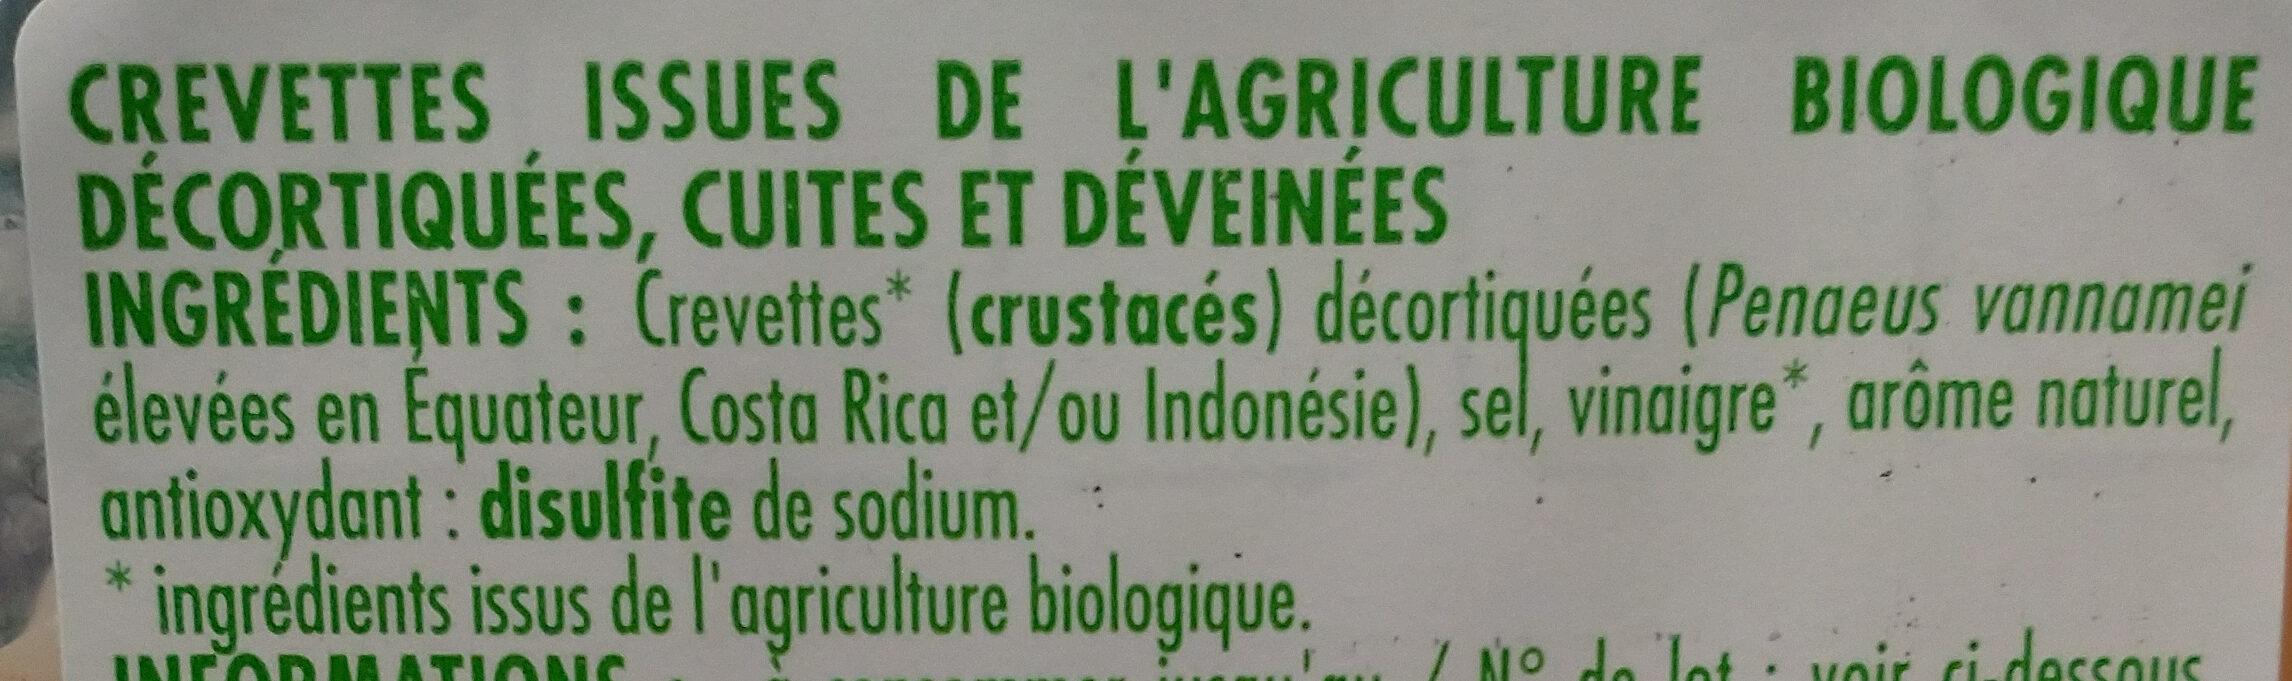 Crevettes décortiquées et cuites - Ingrédients - fr